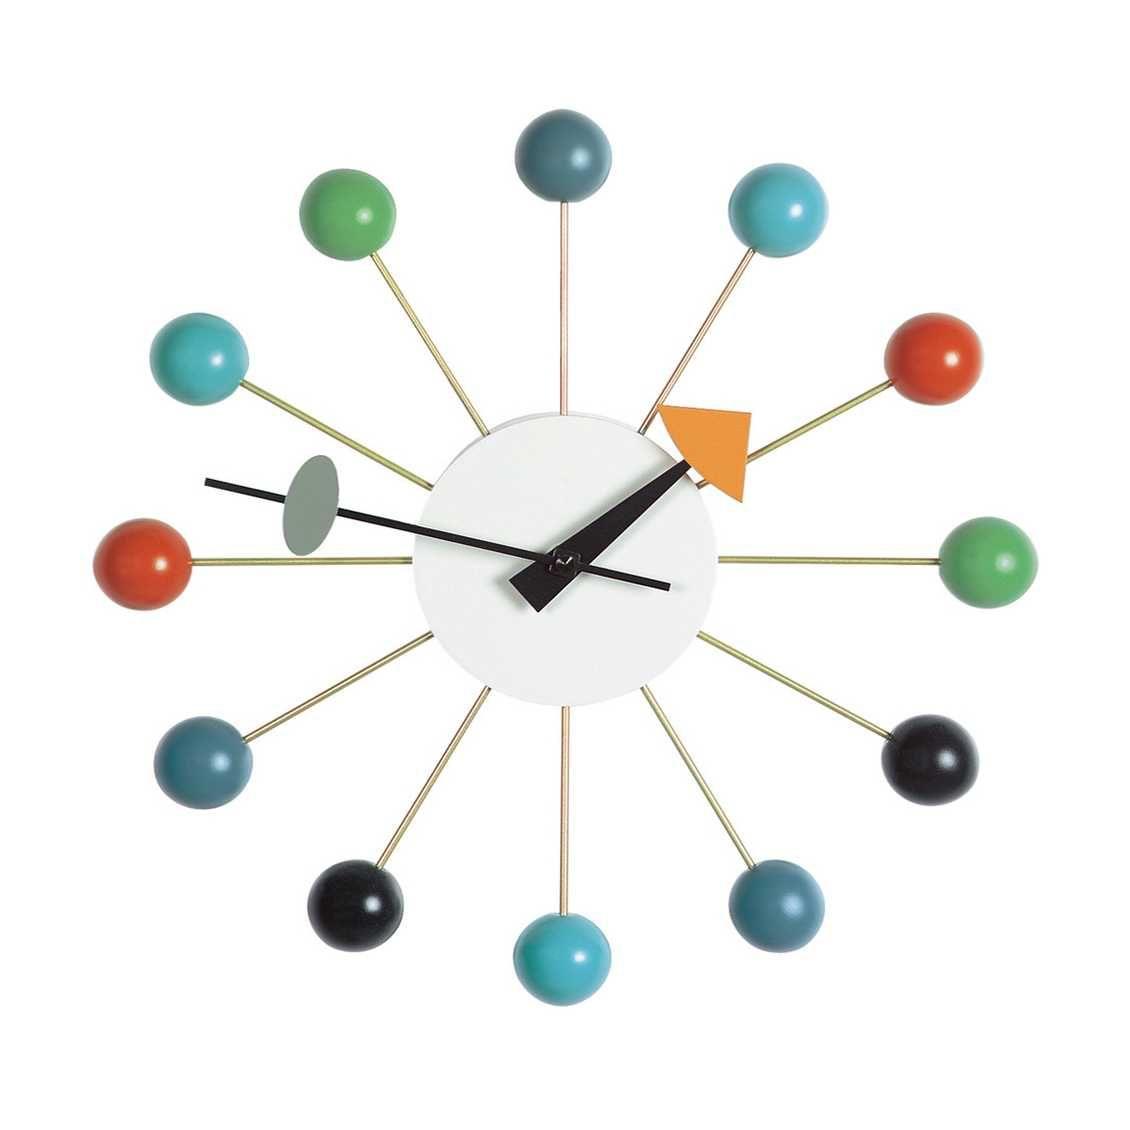 Vitra Ball Clock Klok Misterdesign Klok George Nelson Retro Klok